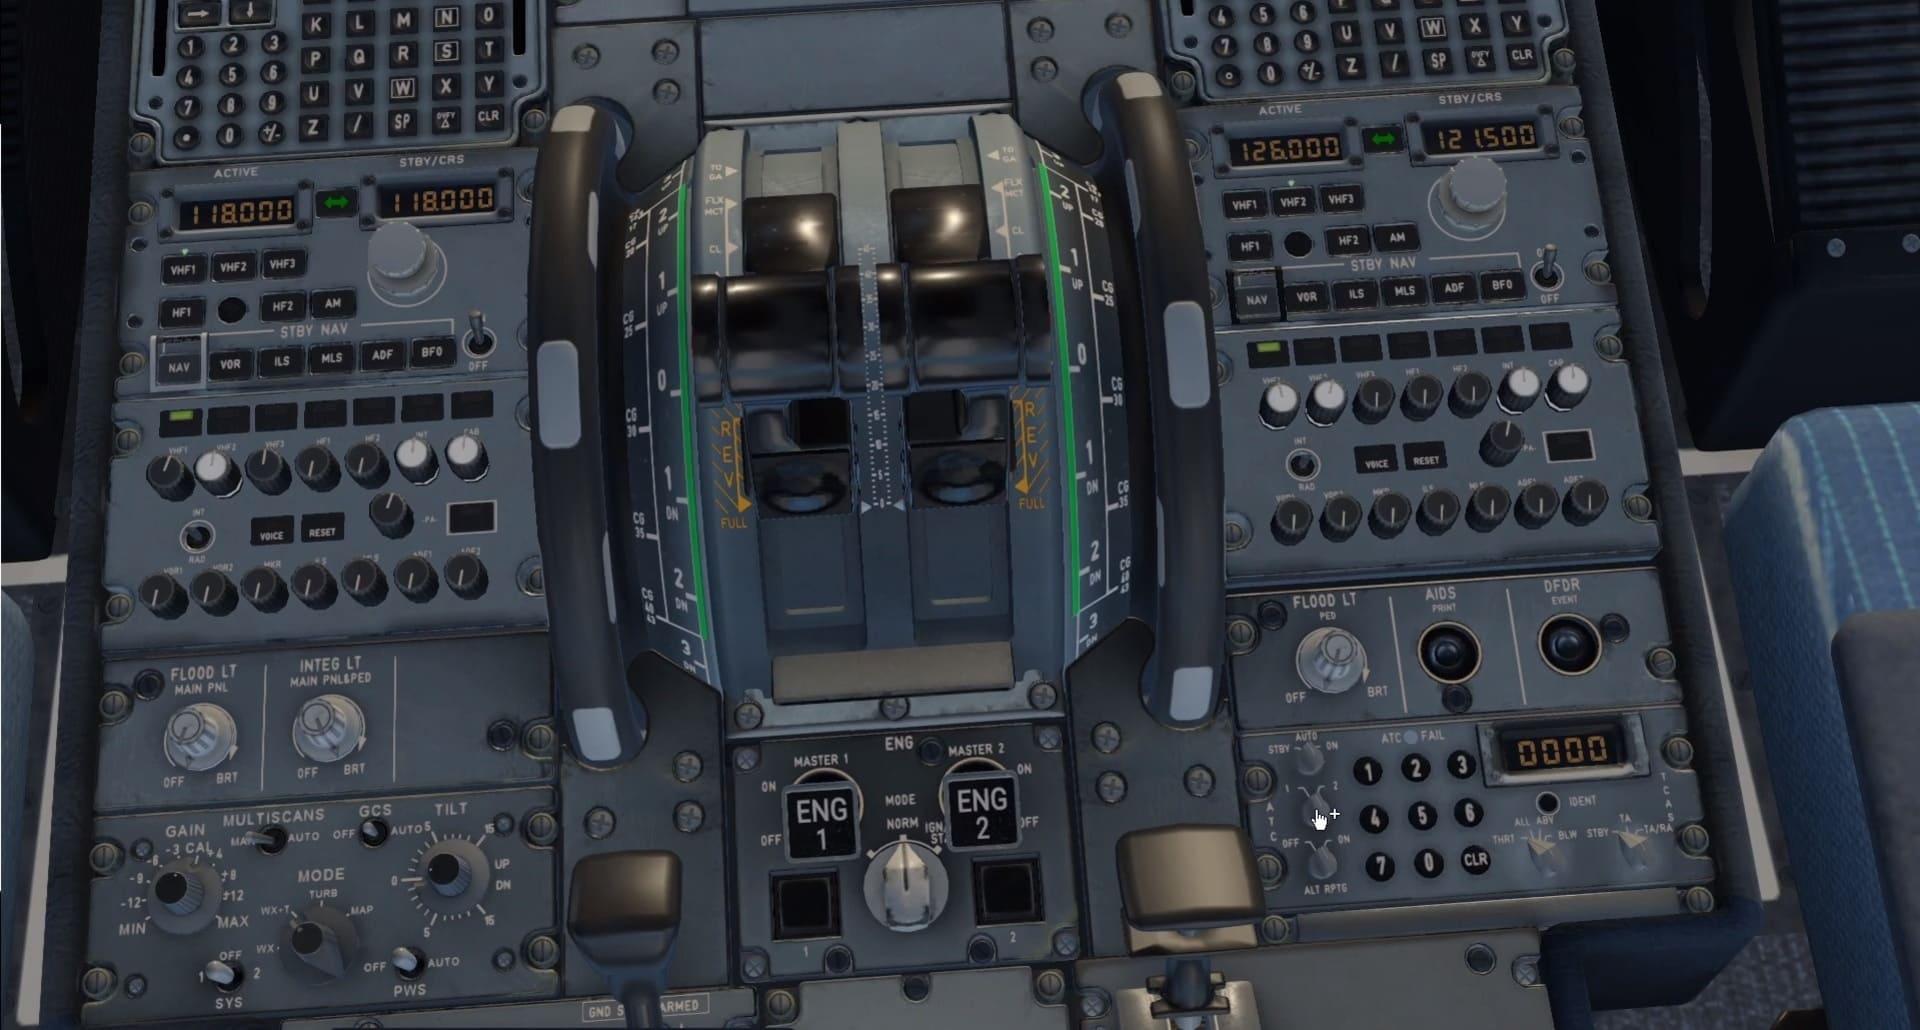 Formation certificat ATPL théorique avion cockpit appareillage automatique atterrissage école OTA agrée DGAC